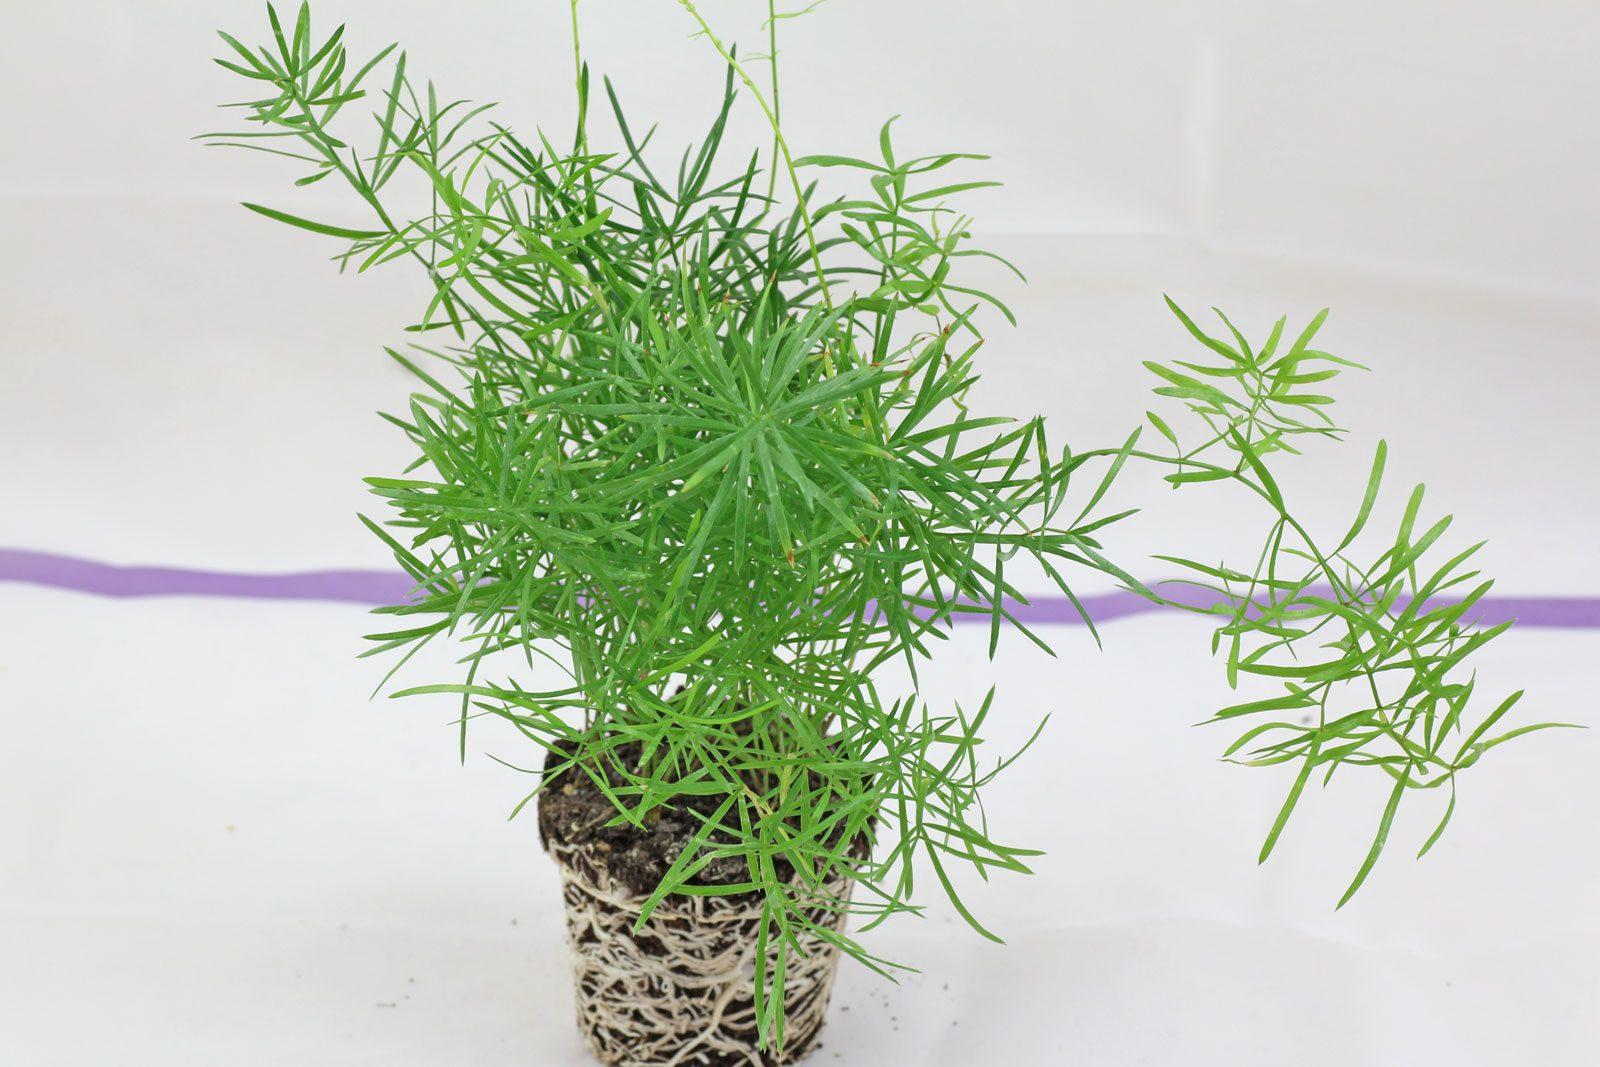 Zierspargel Asparagus Densiflorus